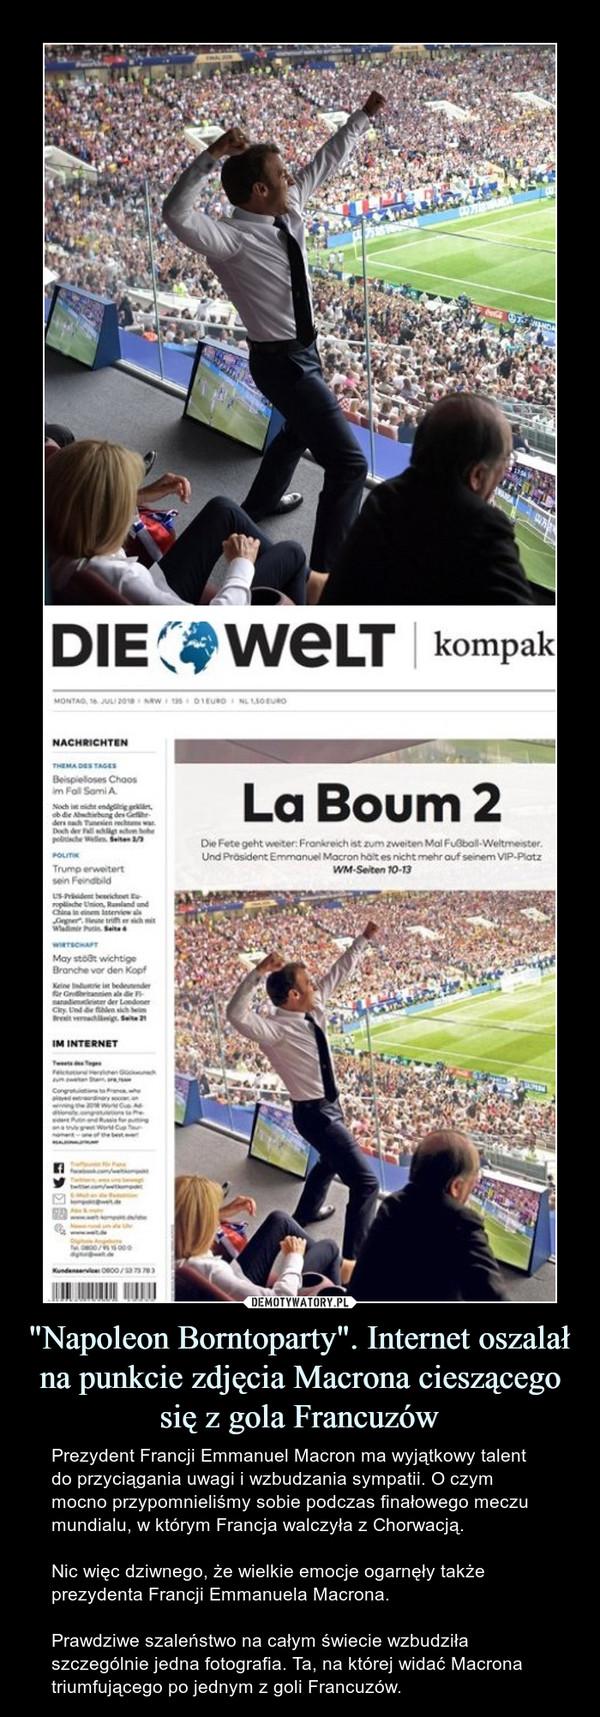 """""""Napoleon Borntoparty"""". Internet oszalał na punkcie zdjęcia Macrona cieszącego się z gola Francuzów – Prezydent Francji Emmanuel Macron ma wyjątkowy talent do przyciągania uwagi i wzbudzania sympatii. O czym mocno przypomnieliśmy sobie podczas finałowego meczu mundialu, w którym Francja walczyła z Chorwacją. Nic więc dziwnego, że wielkie emocje ogarnęły także prezydenta Francji Emmanuela Macrona.Prawdziwe szaleństwo na całym świecie wzbudziła szczególnie jedna fotografia. Ta, na której widać Macrona triumfującego po jednym z goli Francuzów."""